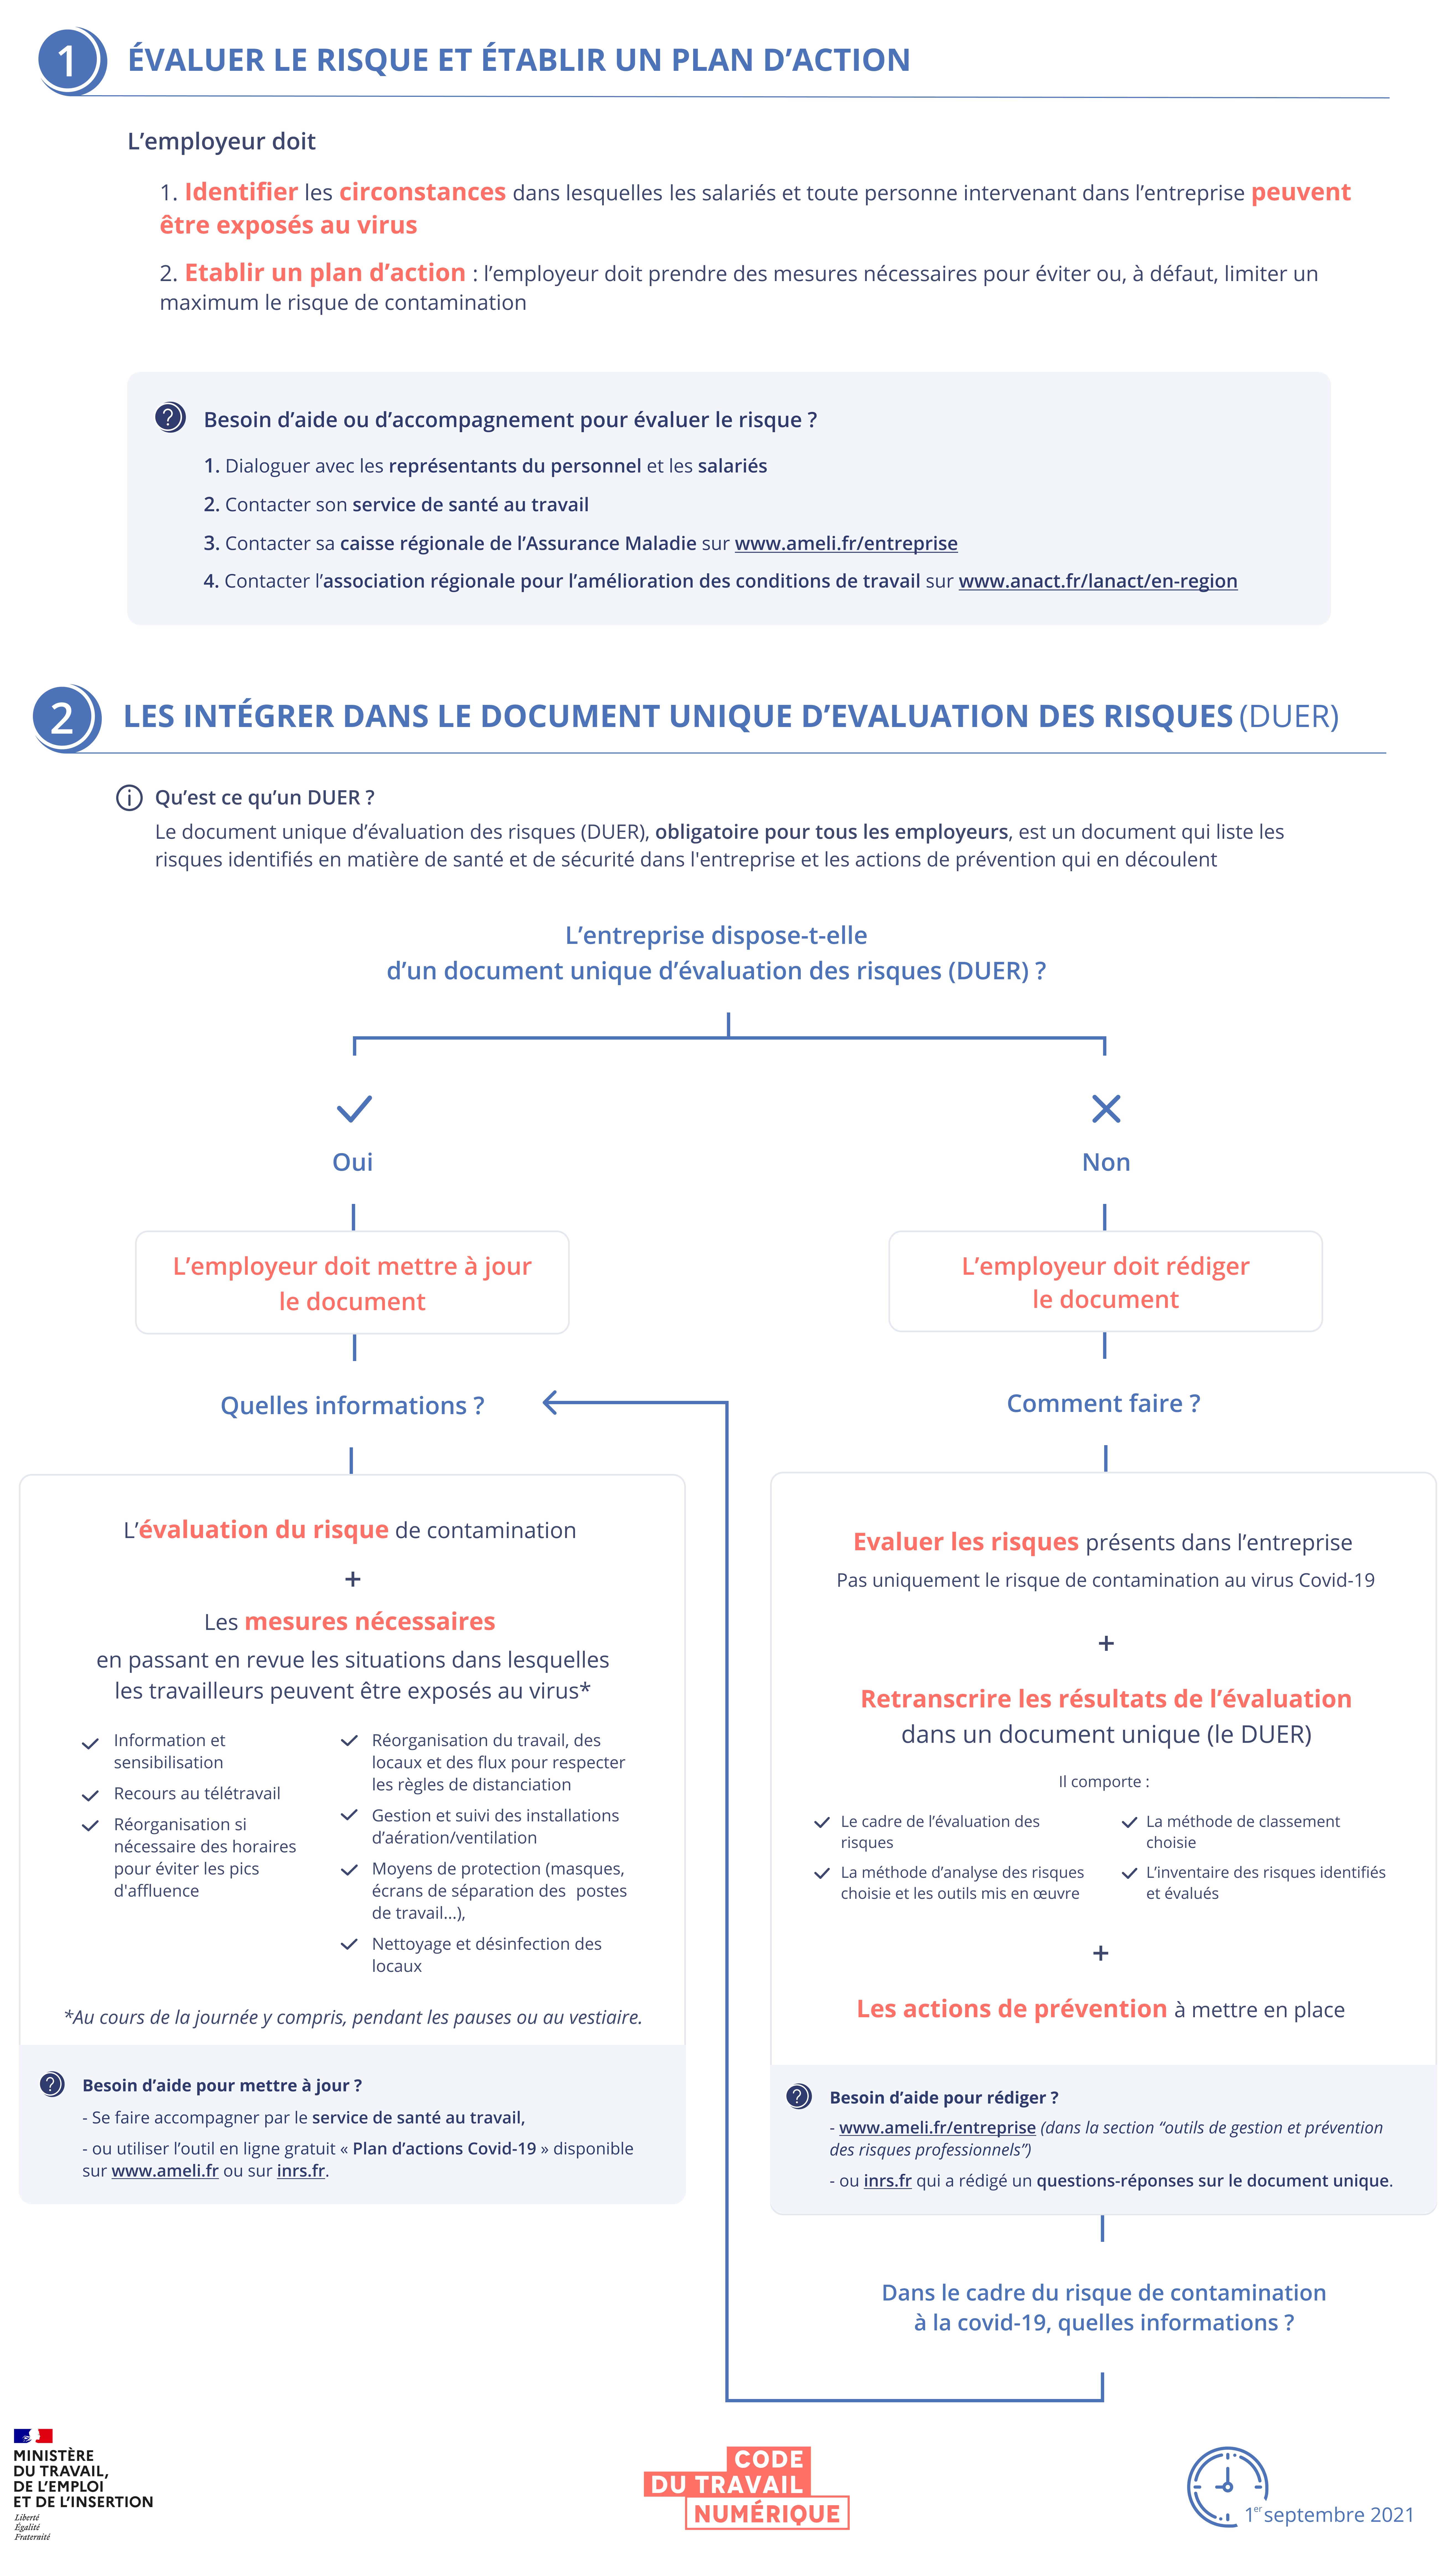 Infographie schématisant l'évaluation du risque sanitaire et son intégration au document d'évaluation des risques. Une version textuelle est disponible en dessous.